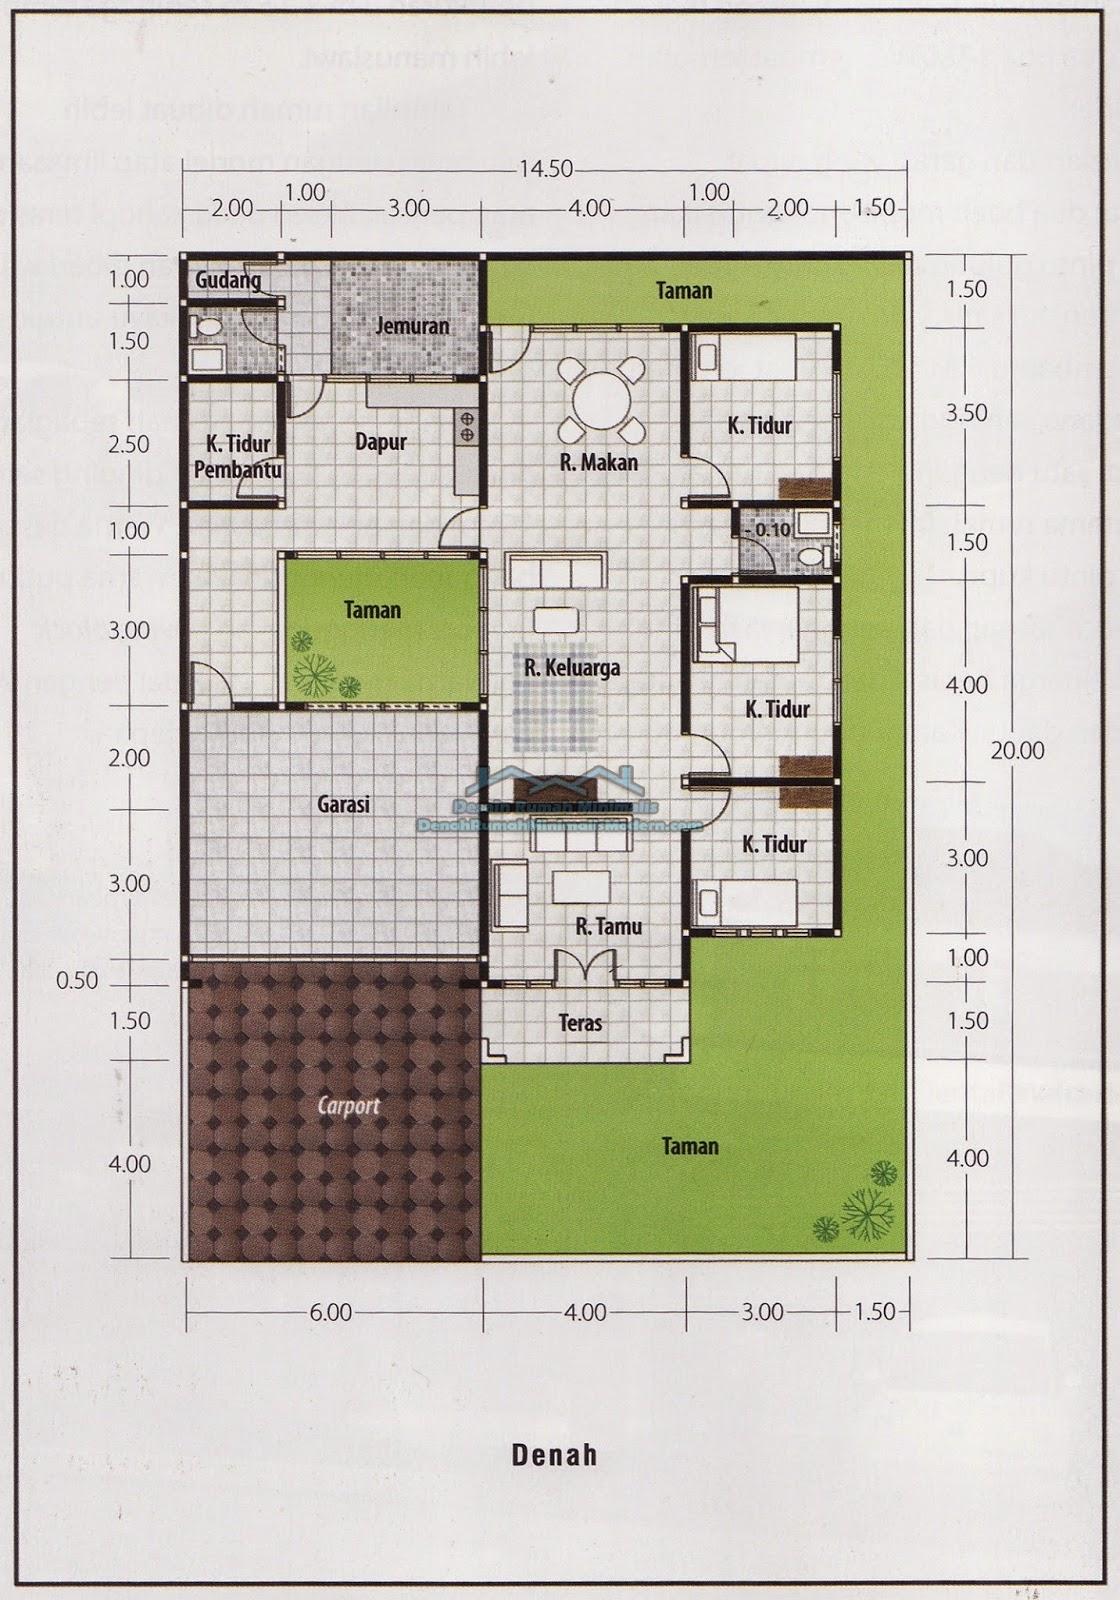 Desain Rumah 10x15 : desain, rumah, 10x15, Rumah, Minimalis, Lantai, Ukuran, Desain